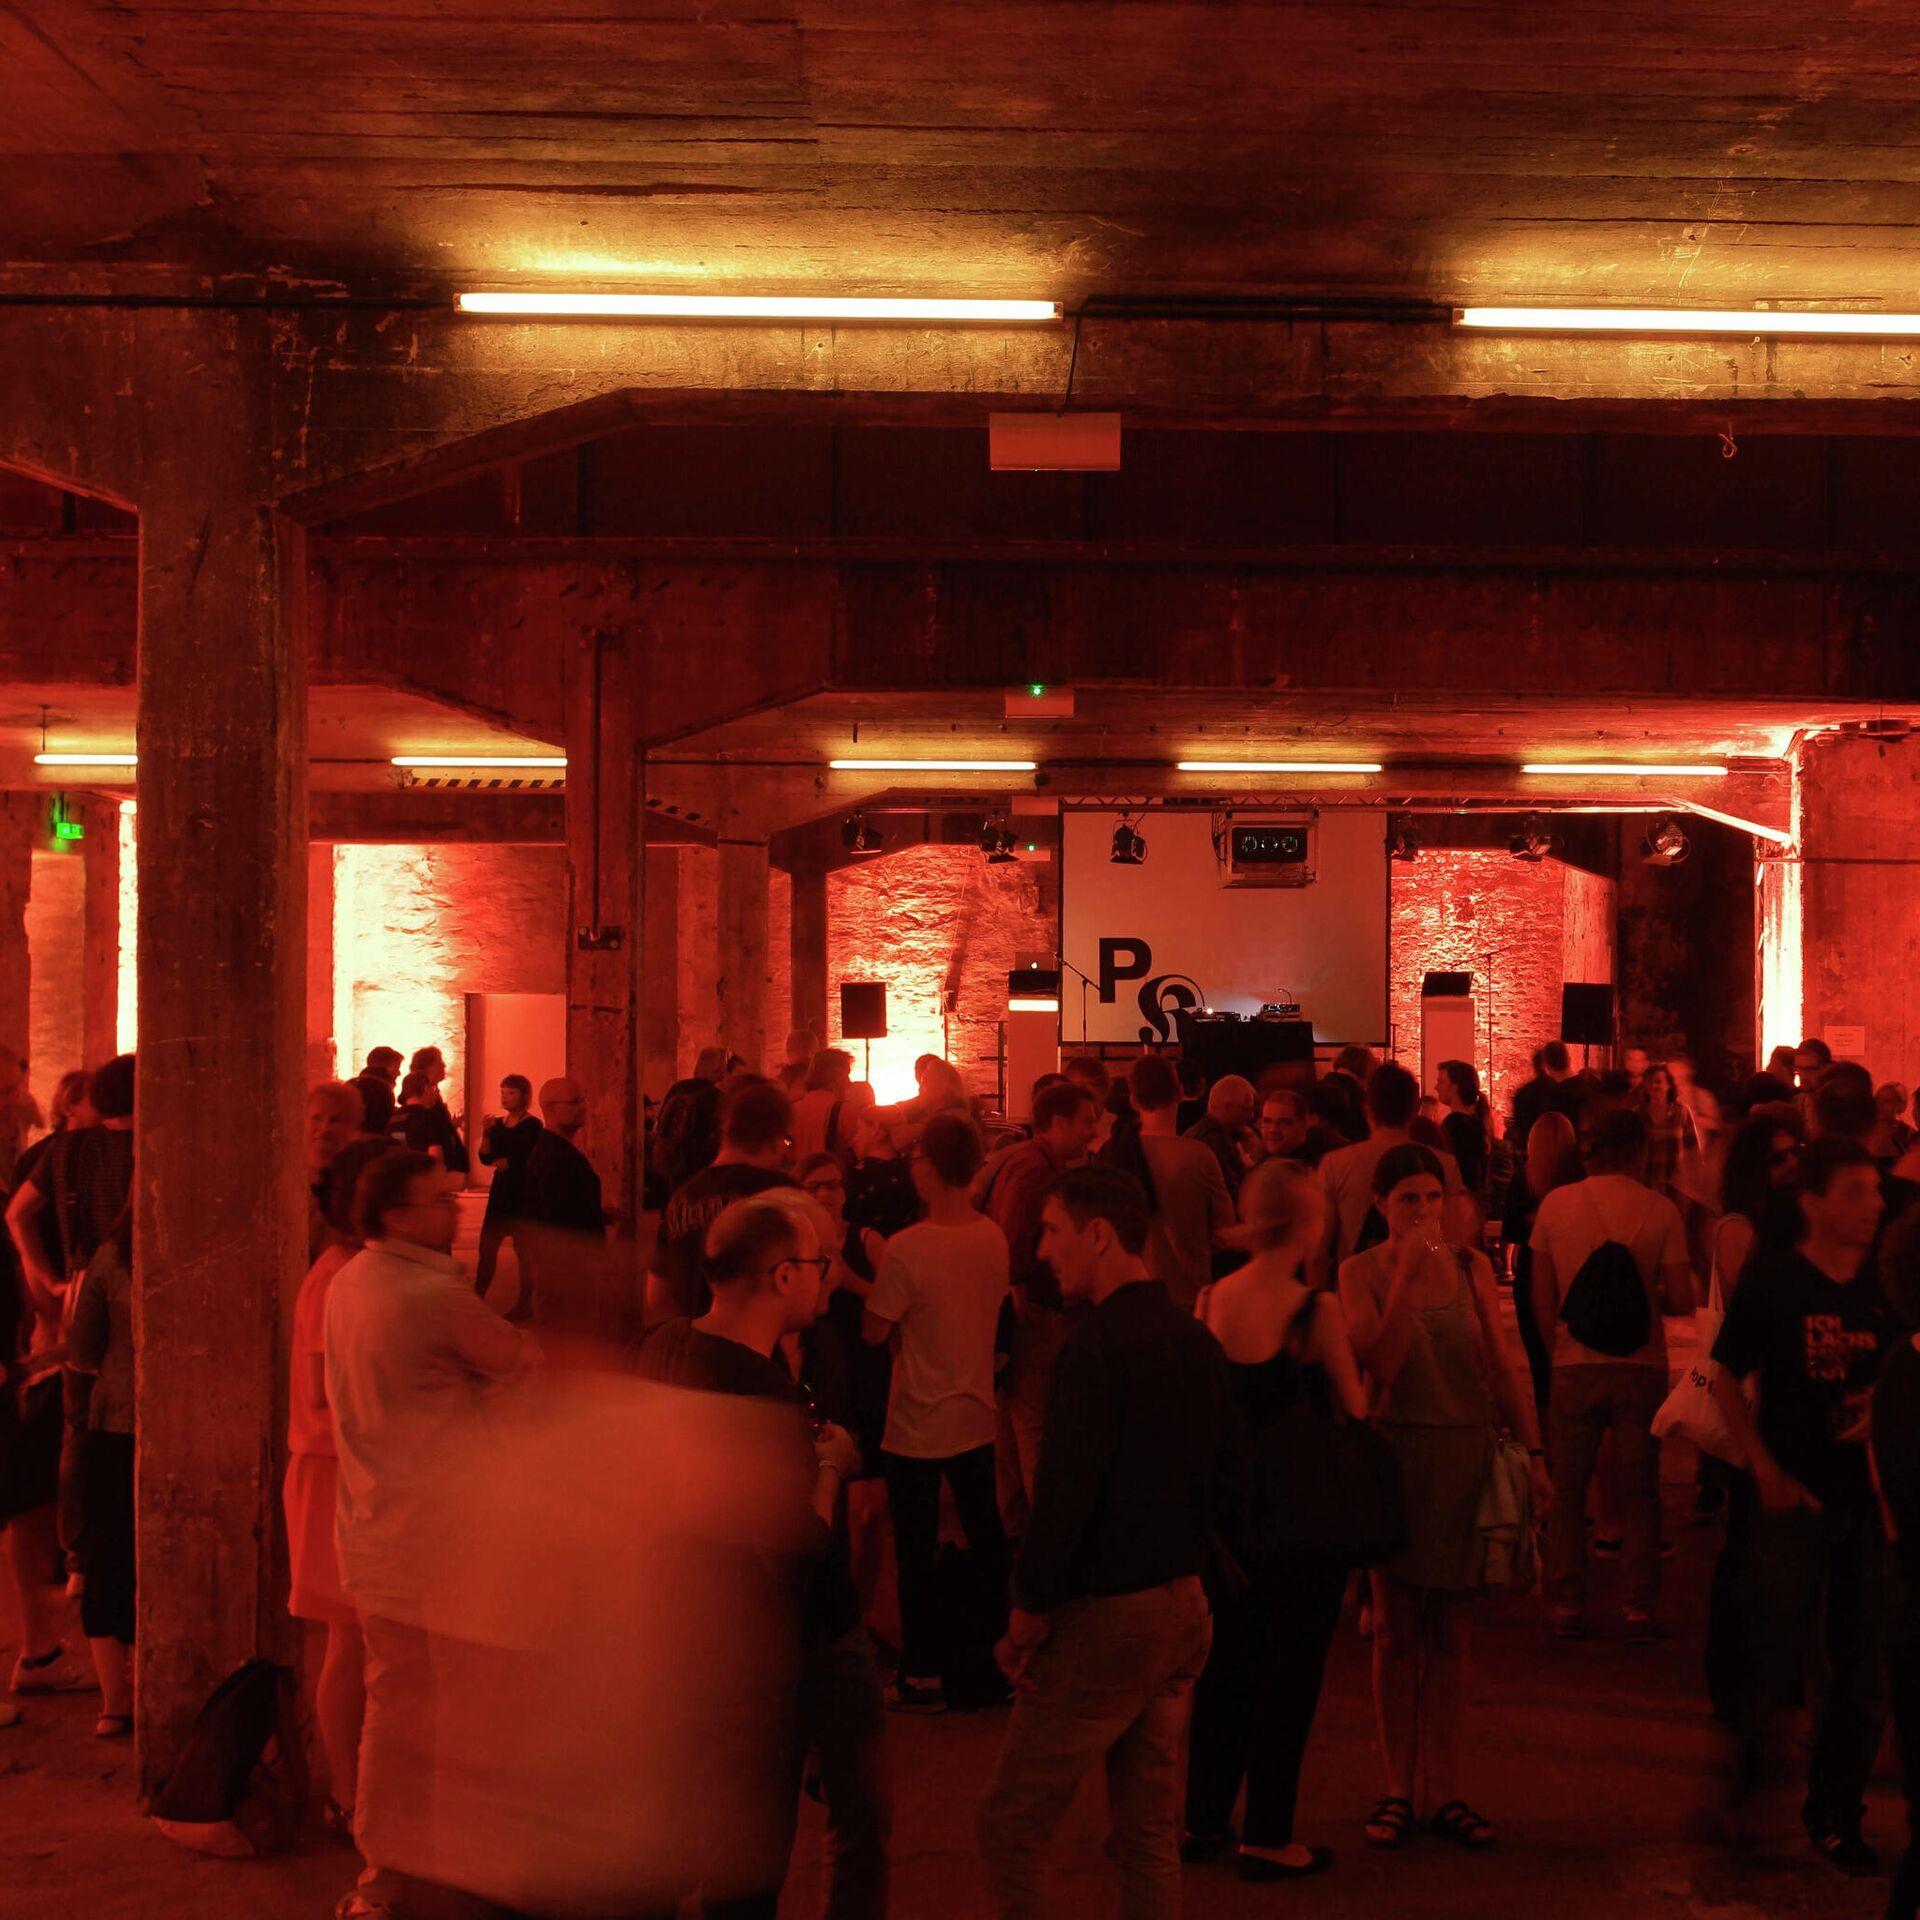 Ночных клубов дискотек и иных аналогичных объектов клуб манчкинов в москве